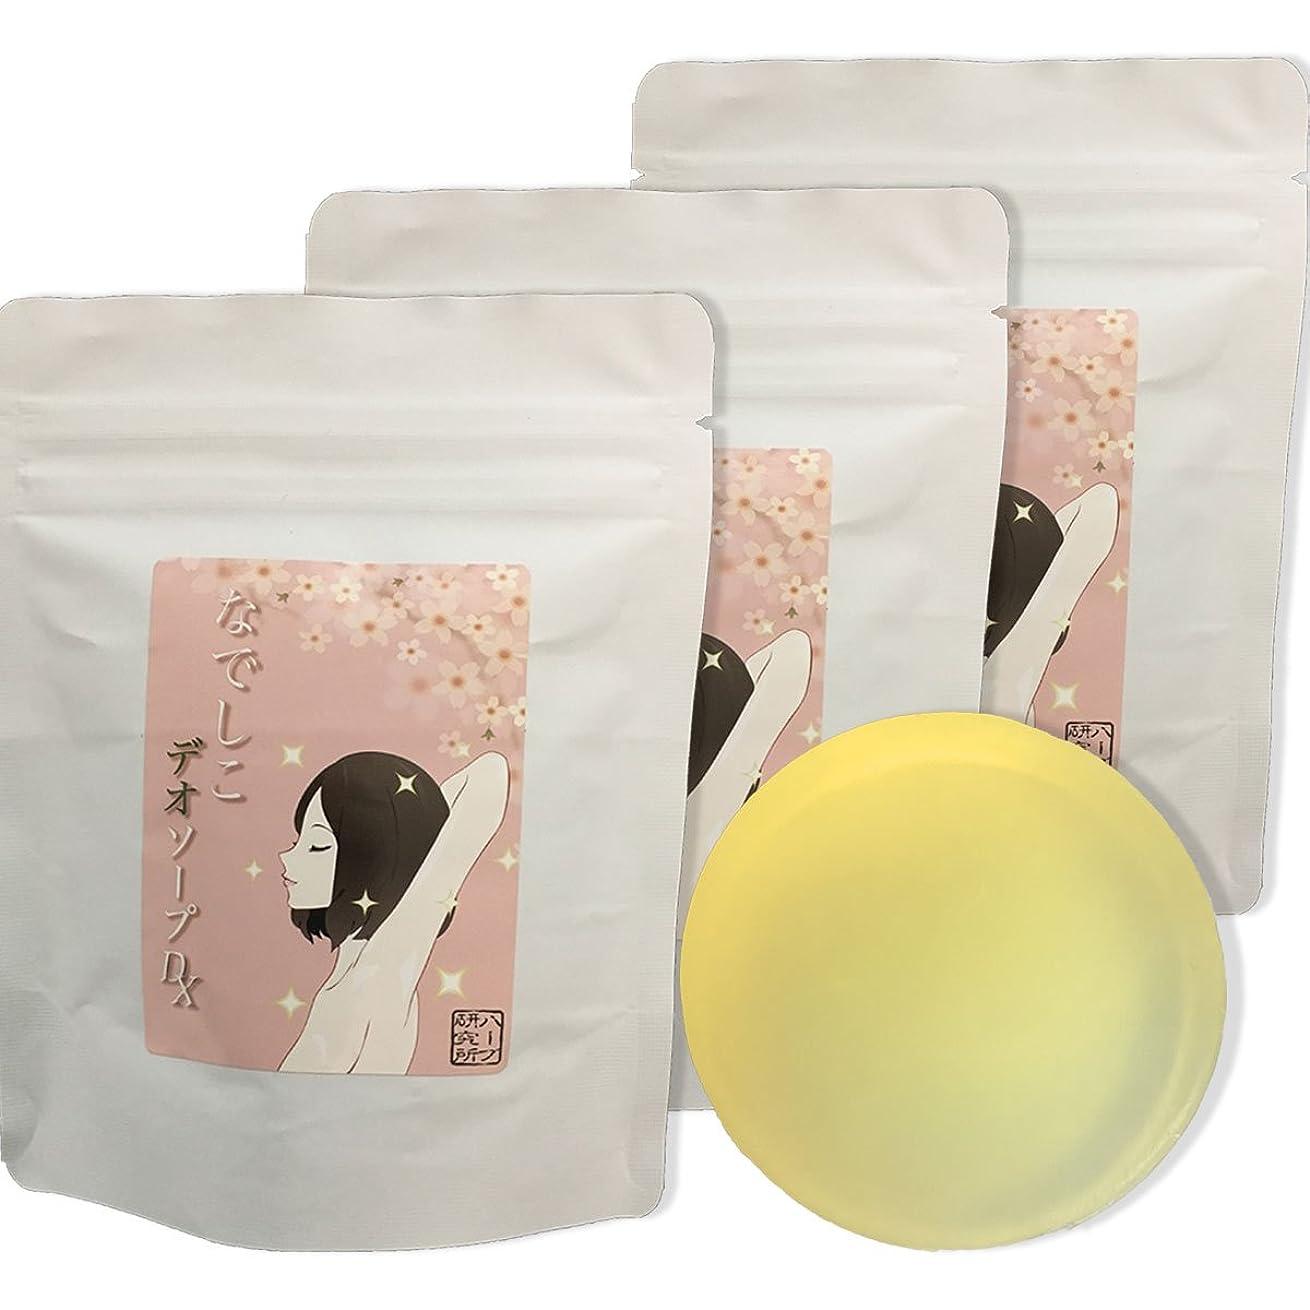 進化する脱走塩気になる黒ずみ&体臭対策に!なでしこ デオソープDX ハーブエキス + 柿渋配合 ハッカの香り3個で10%OFF